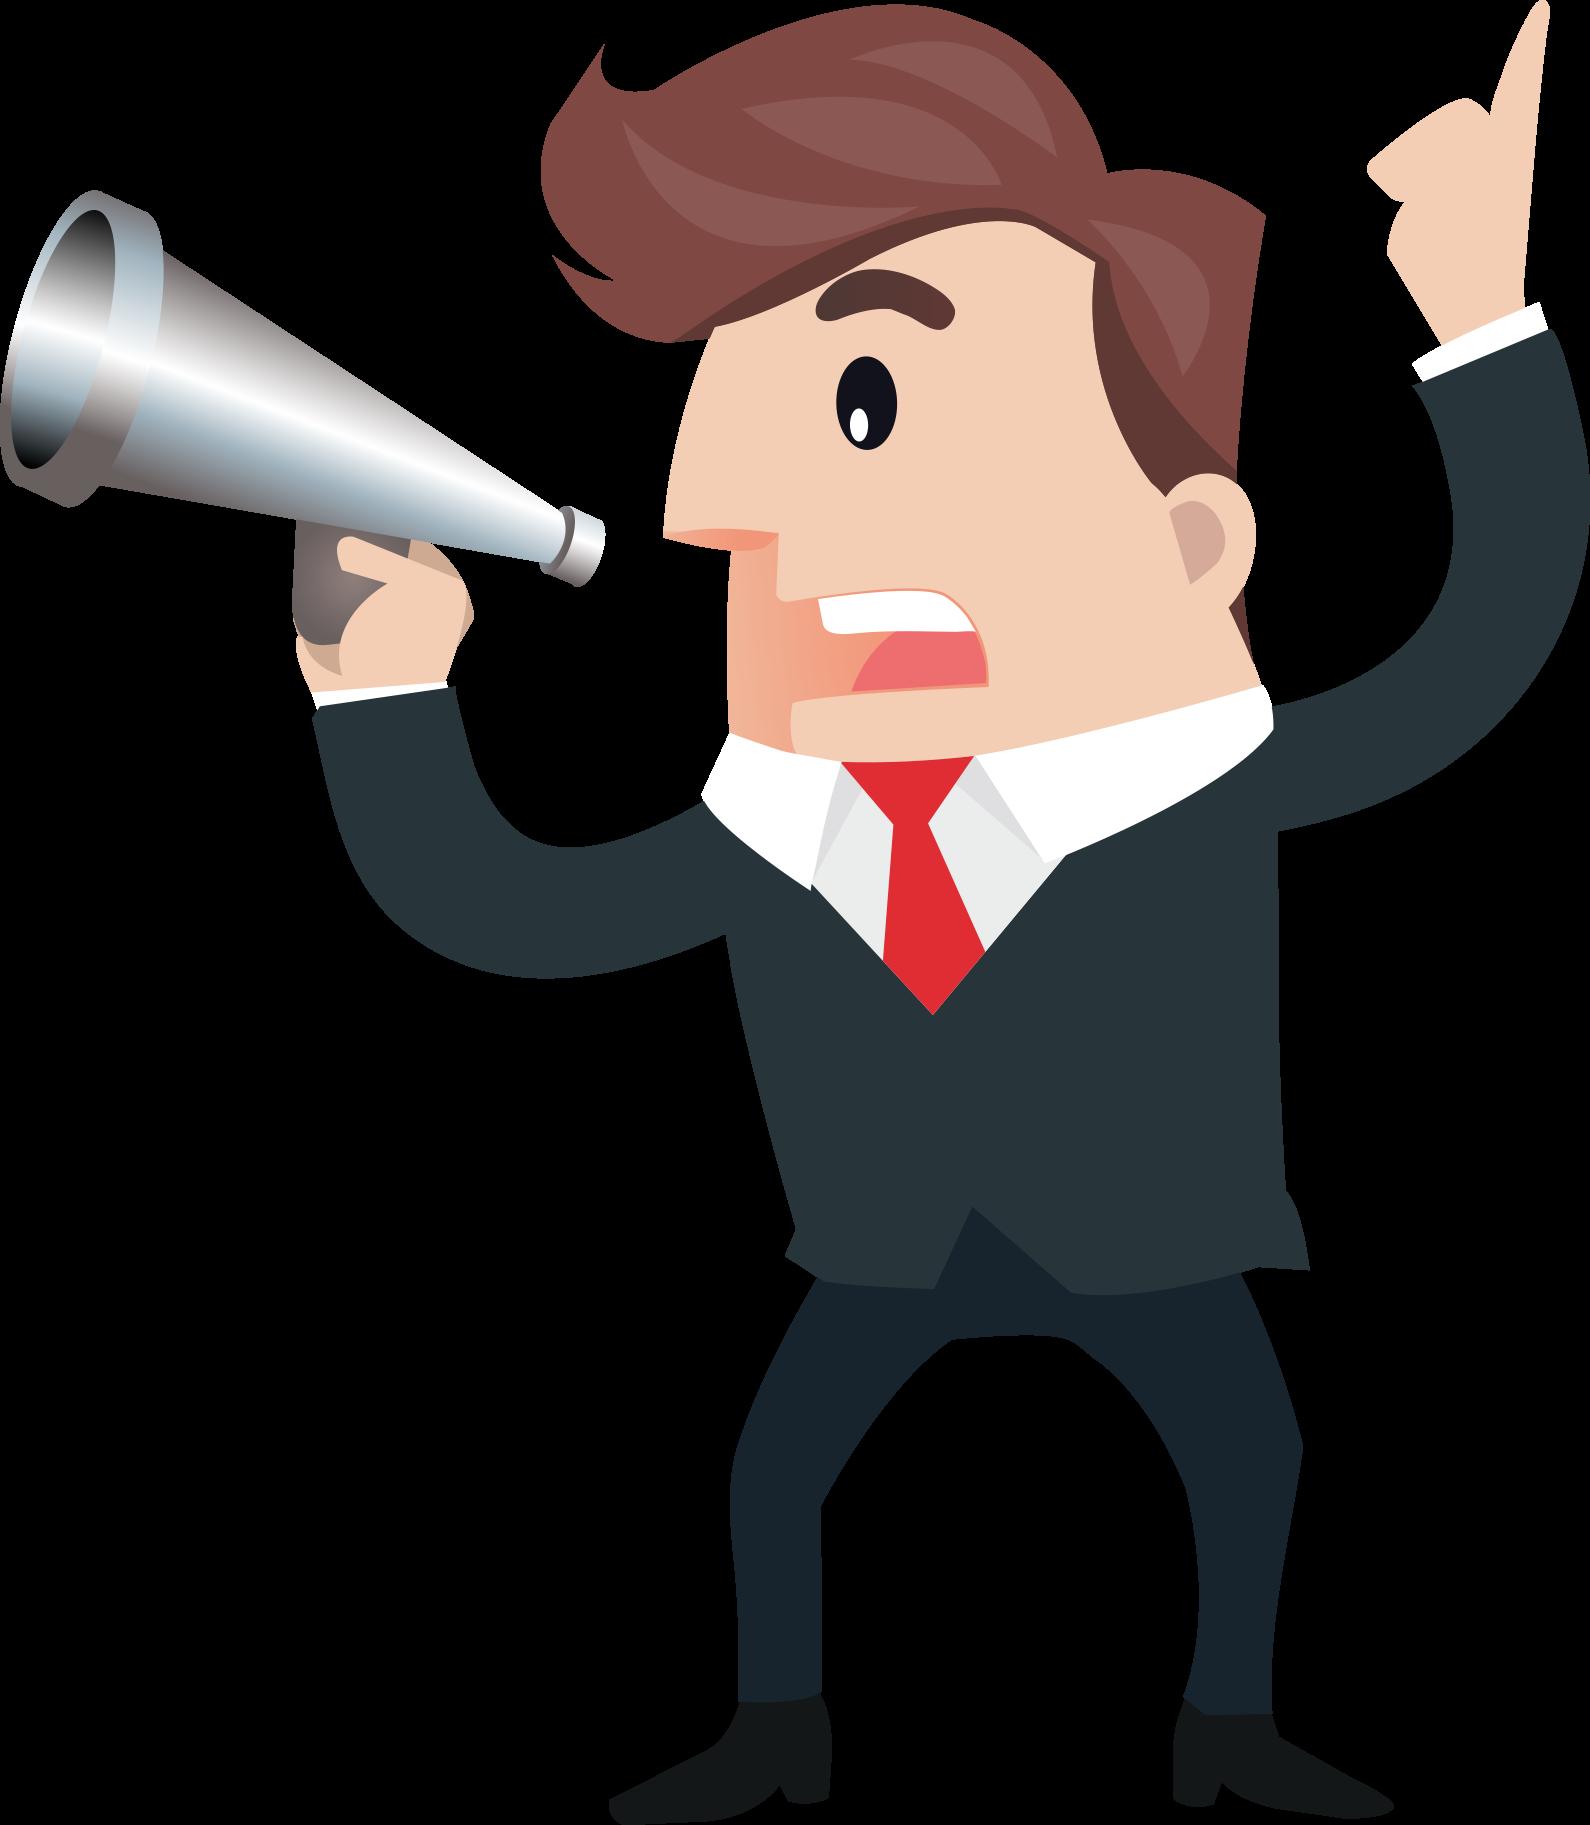 Cartoon microphone business man. Horn clipart hand speaker